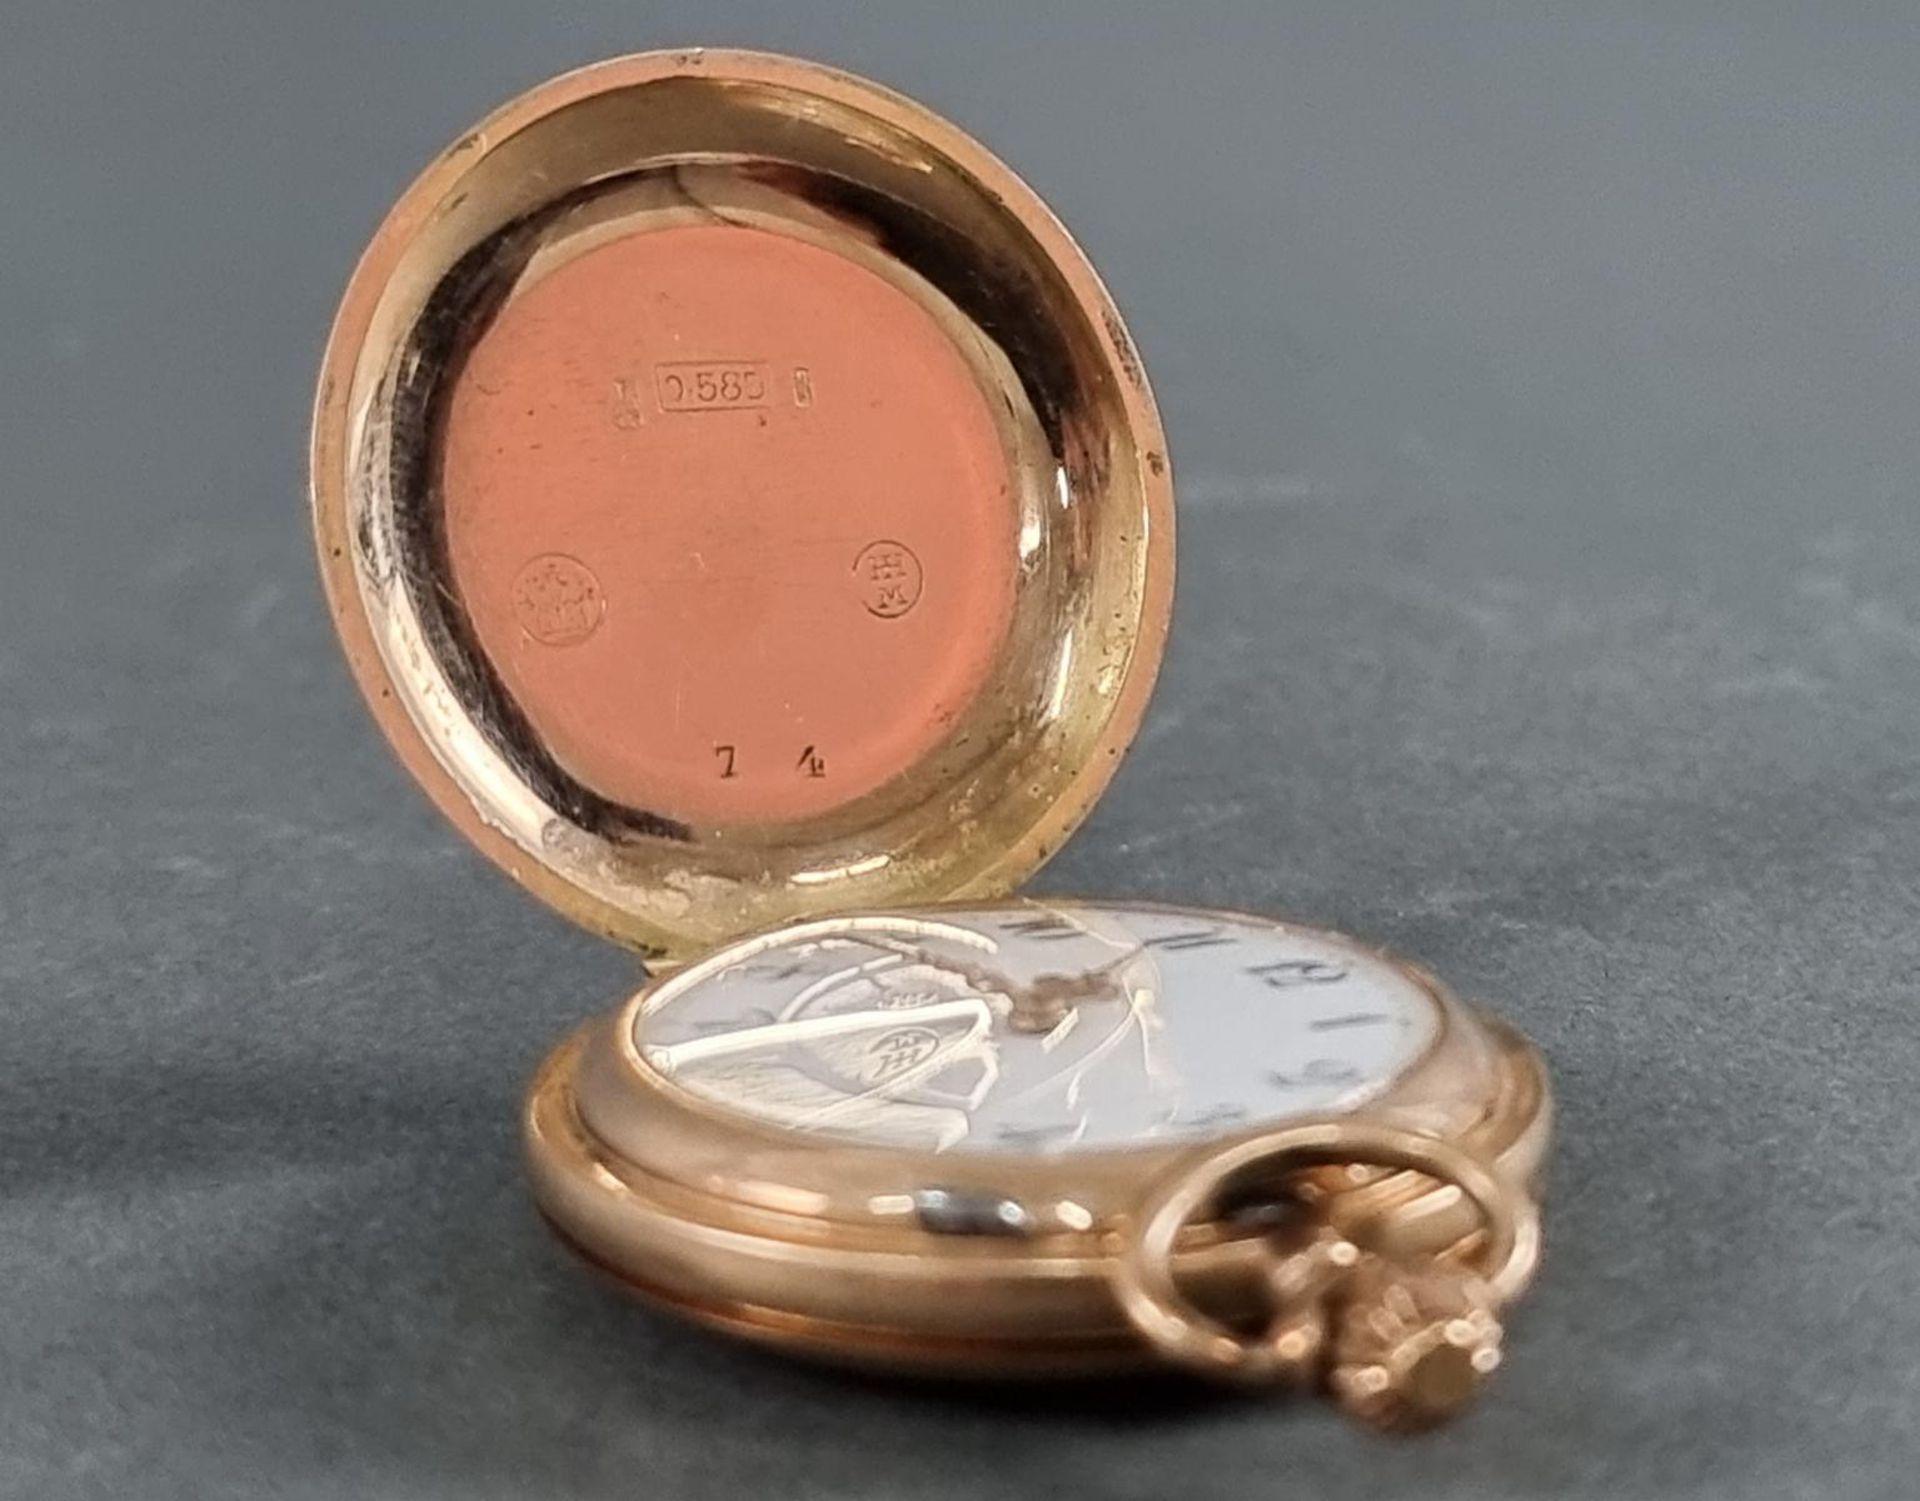 Goldene Damentaschenuhr, 14 Karat Gelbgold - Bild 6 aus 7